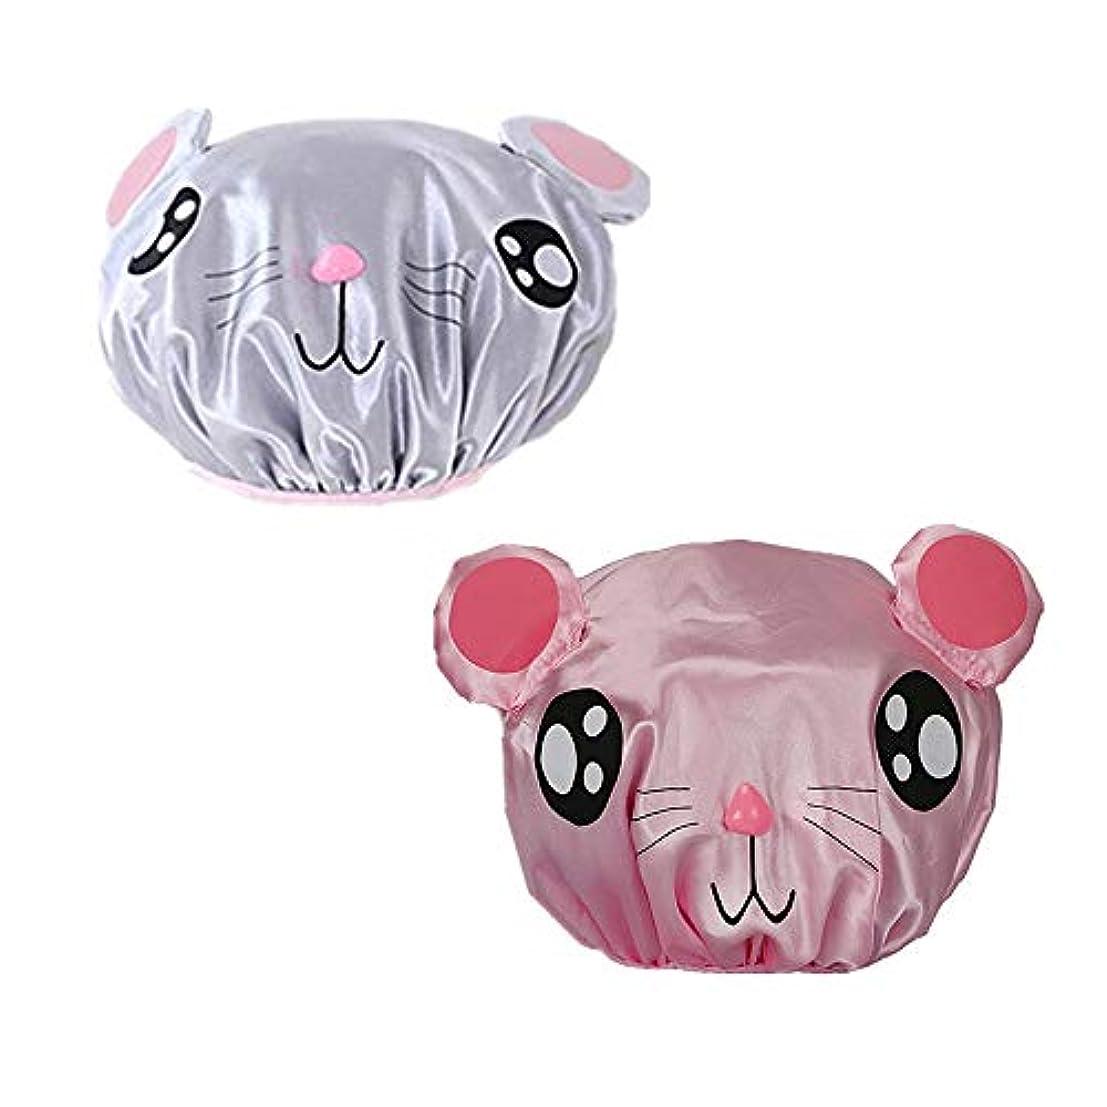 最大化するベットペインKingsie シャワーキャップ キッズ 子供用 2枚セット ヘアキャップ 可愛い 動物柄 カートゥーン 防水帽 入浴キャップ お風呂 ピンク/グレー